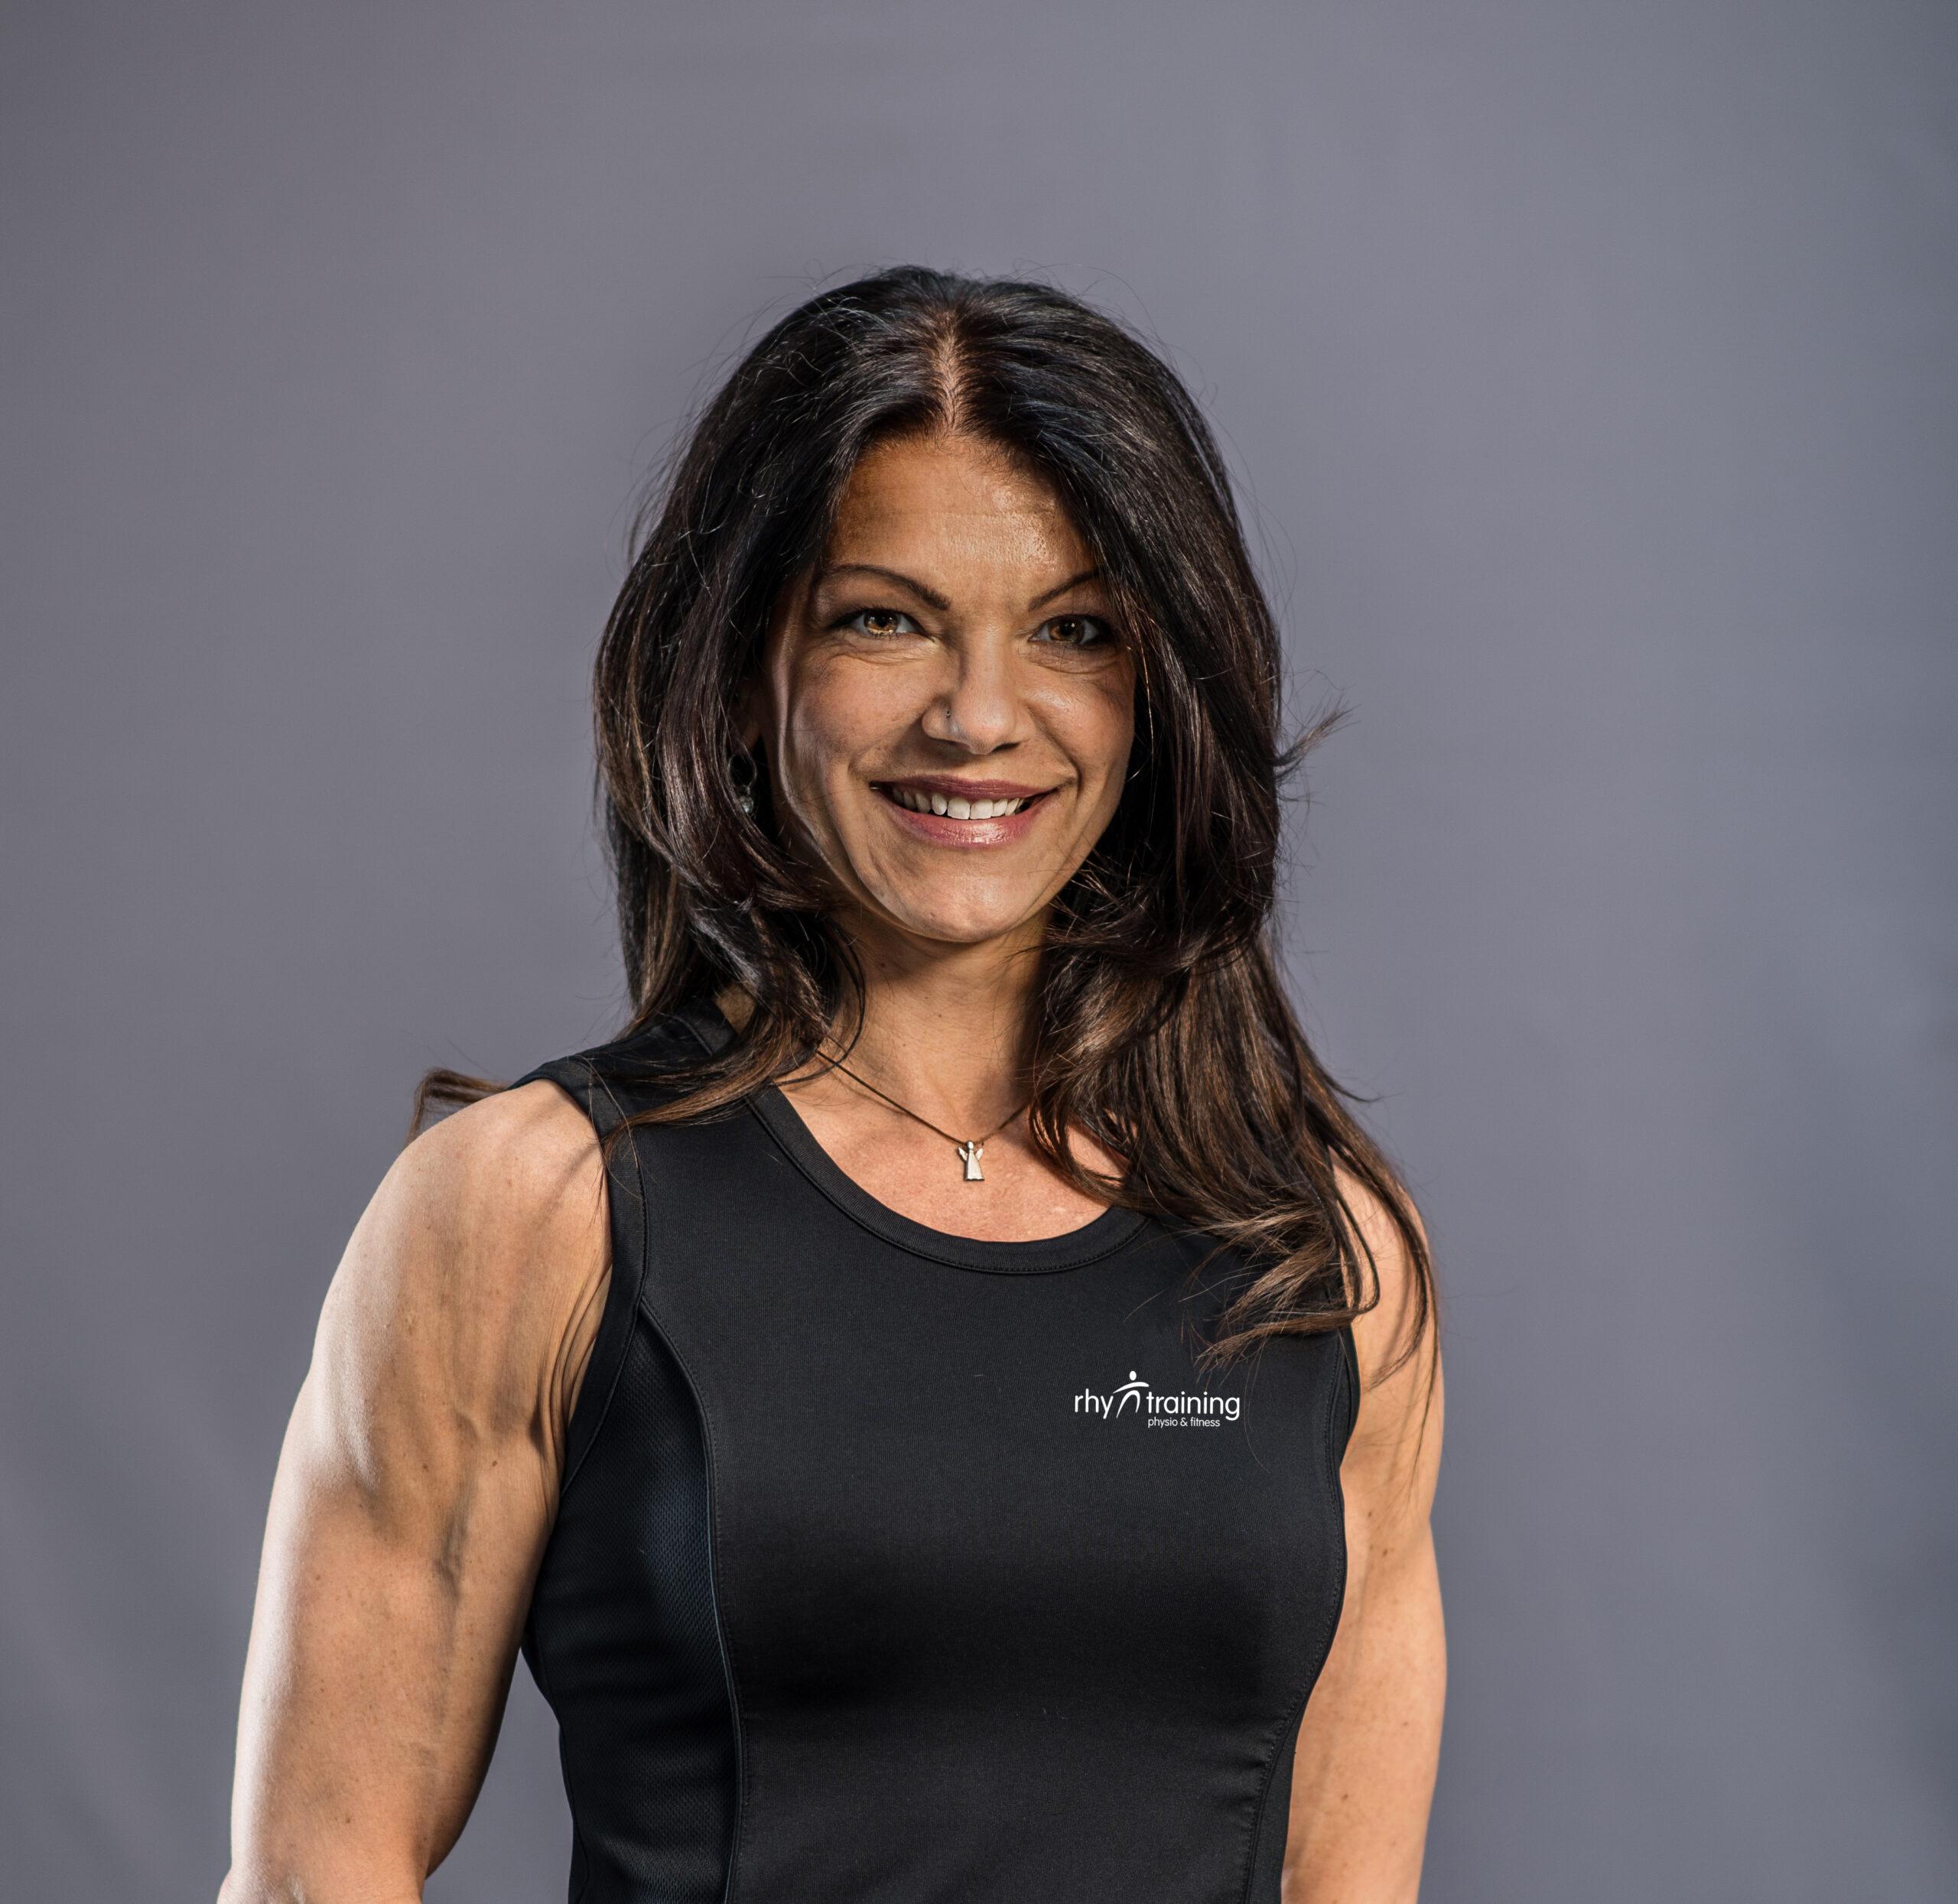 rhytraining – physio & fitness stein am rhein | Sabine Schönle